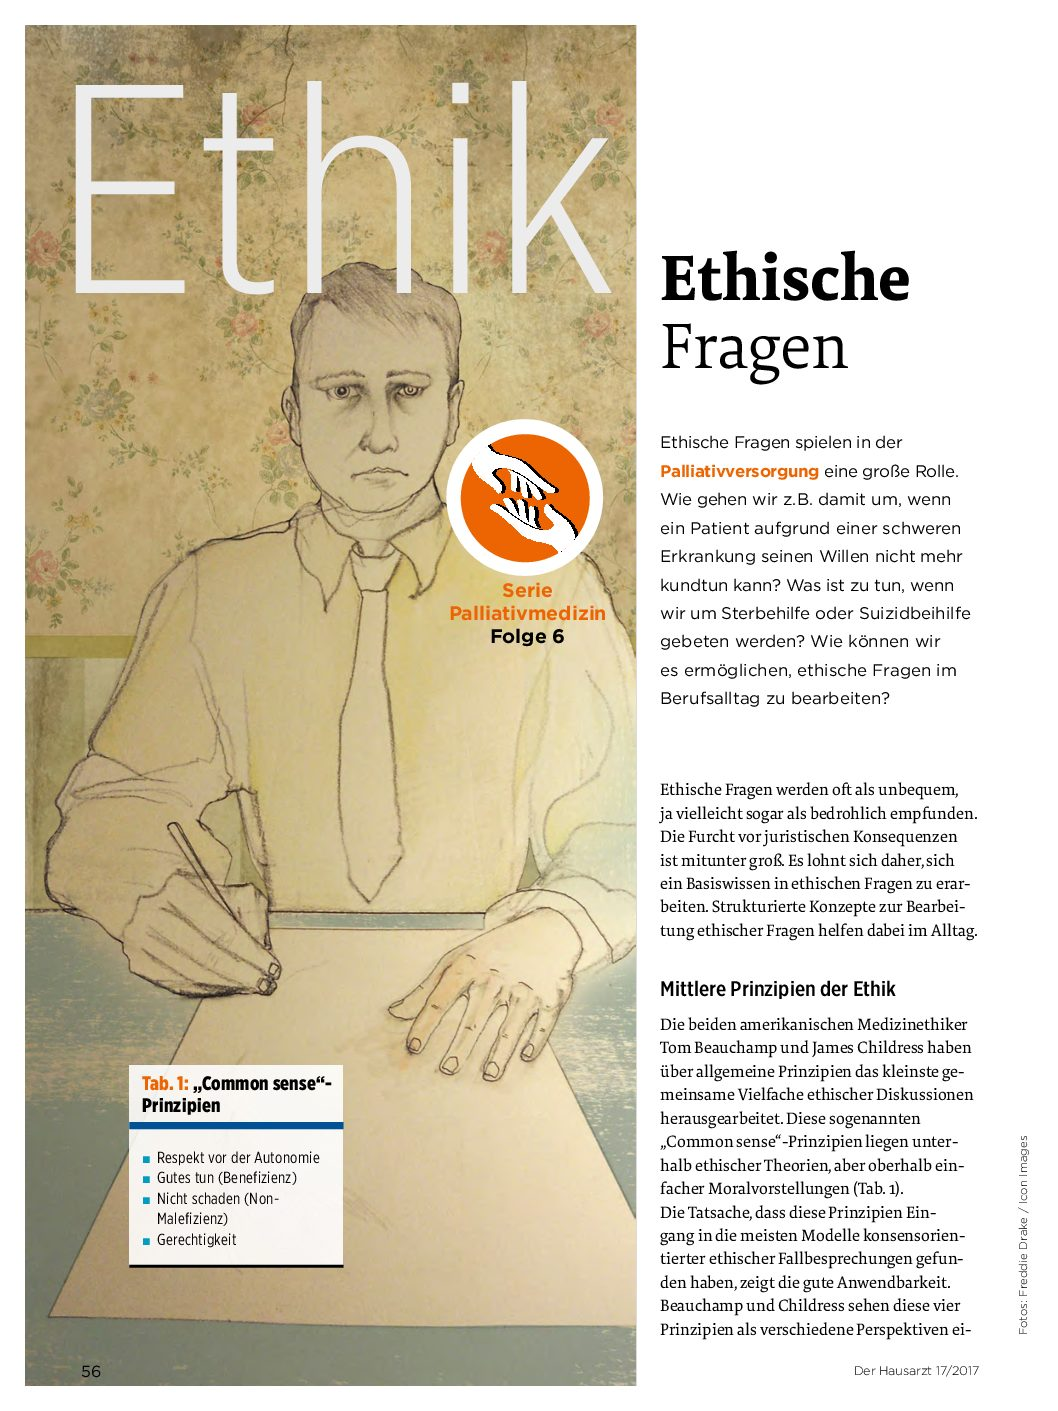 Ethische Fragen – Der Hausarzt